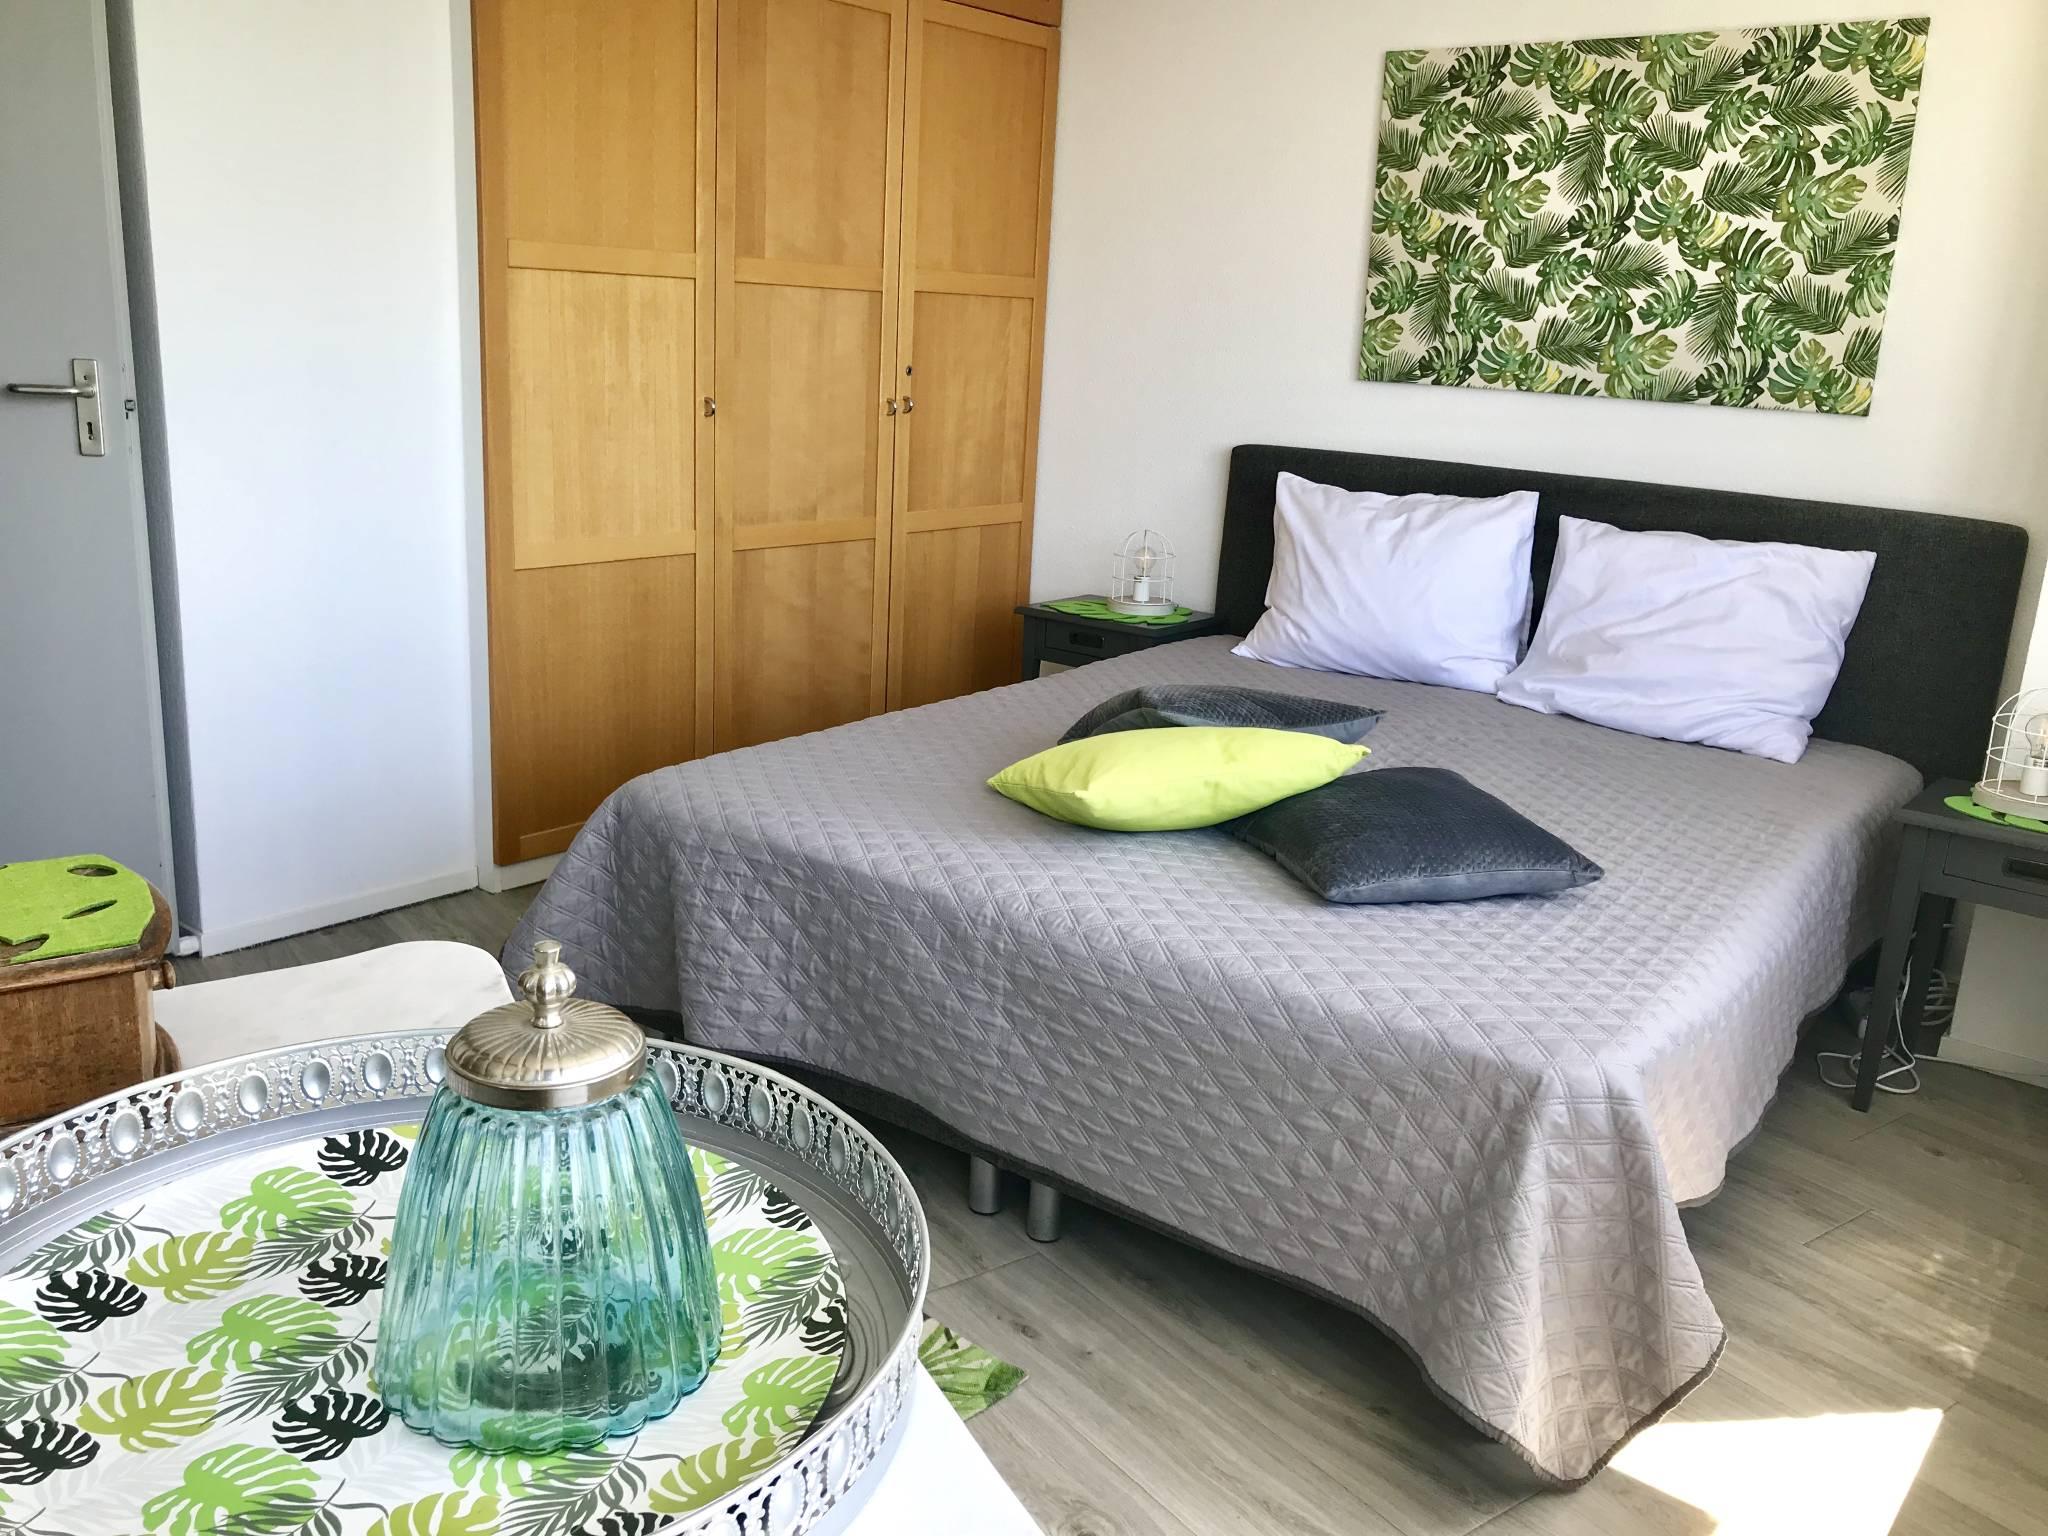 Schlafzimmer- Hochbett 140 x 200